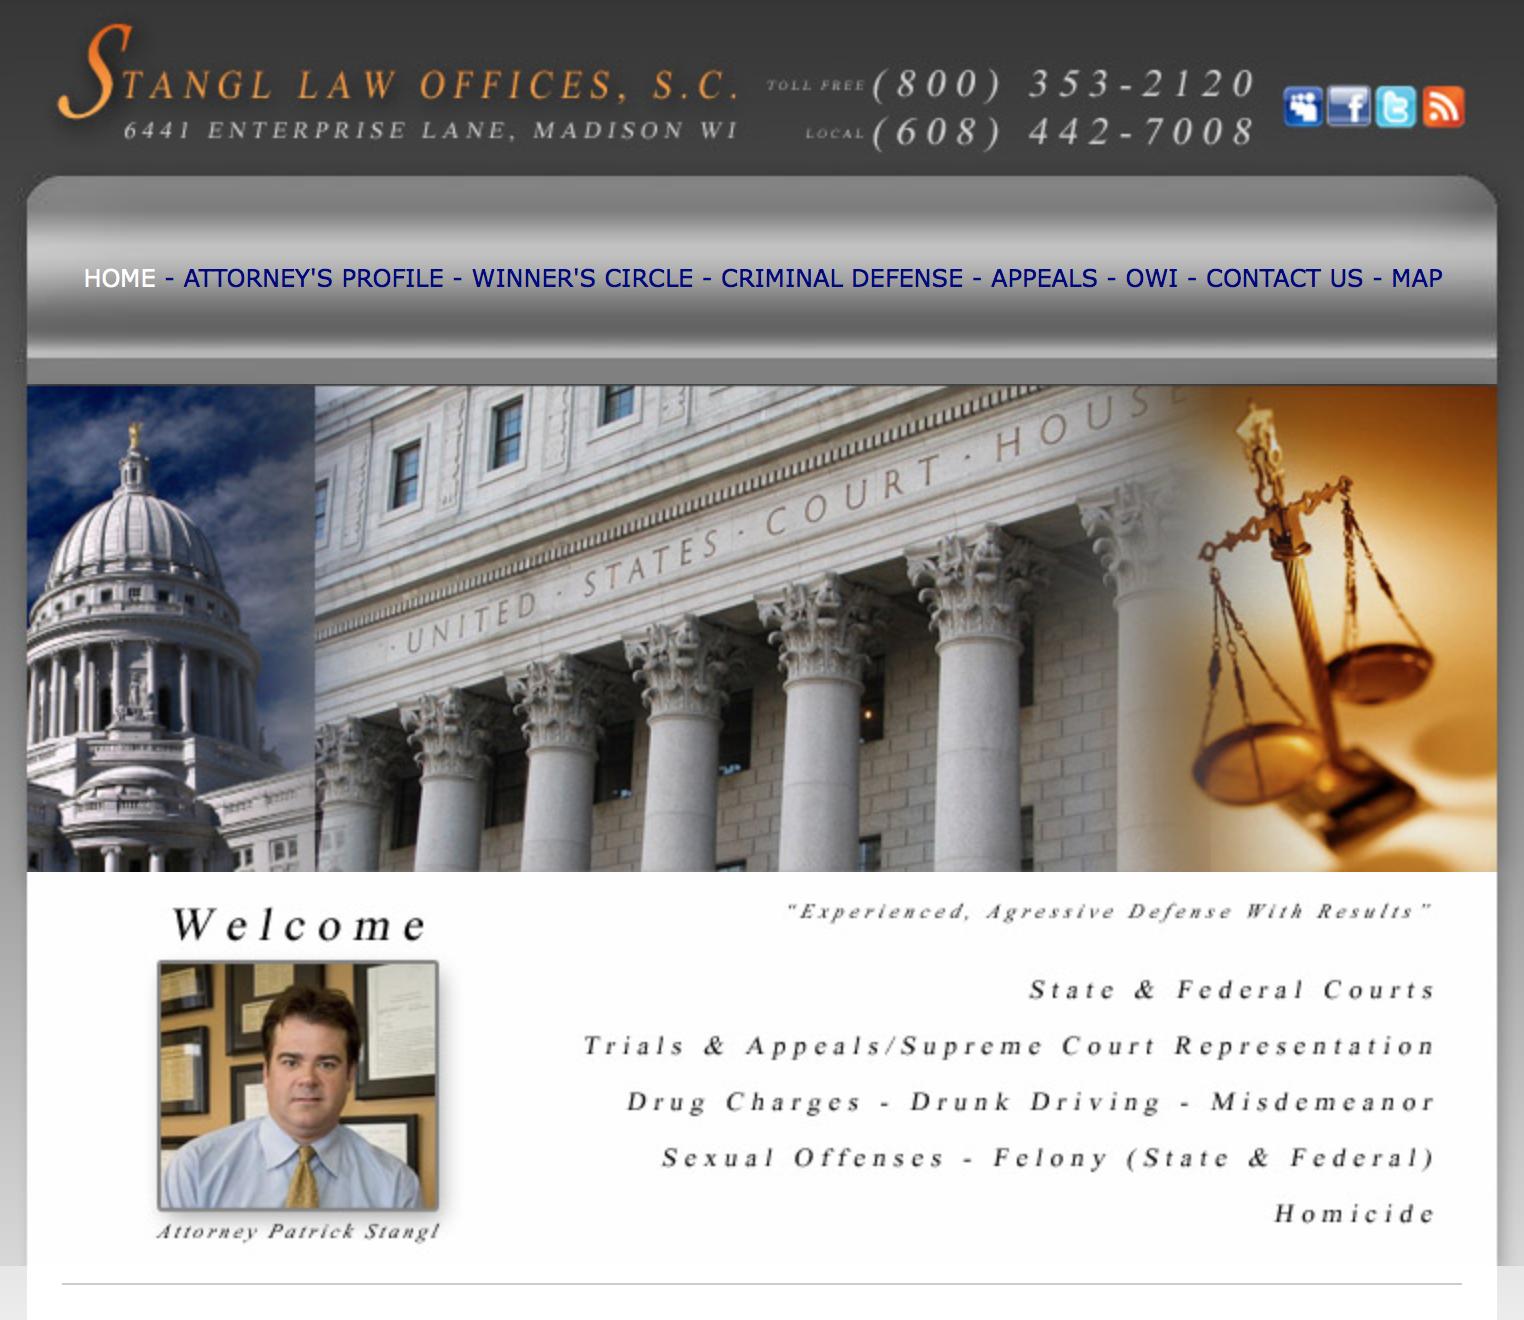 2010 website